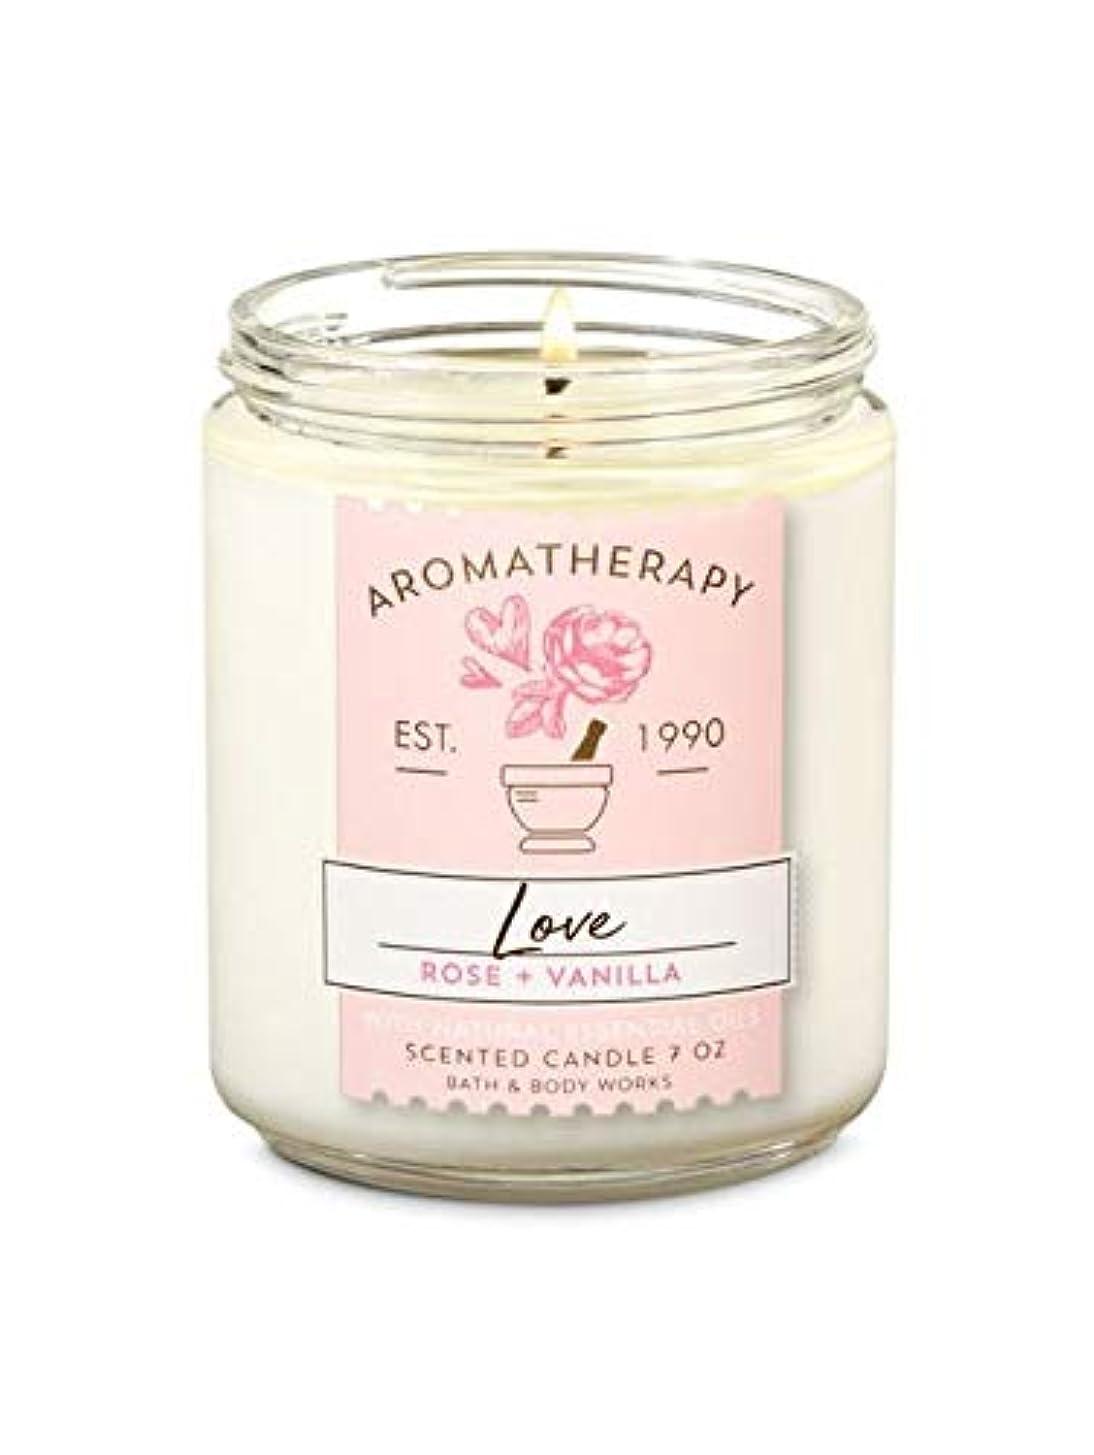 有害麻酔薬陽気な【Bath&Body Works/バス&ボディワークス】 アロマキャンドル アロマセラピー ラブ ローズバニラ Aromatherapy 1-Wick Scented Candle LOVE Rose Vanilla 7oz...